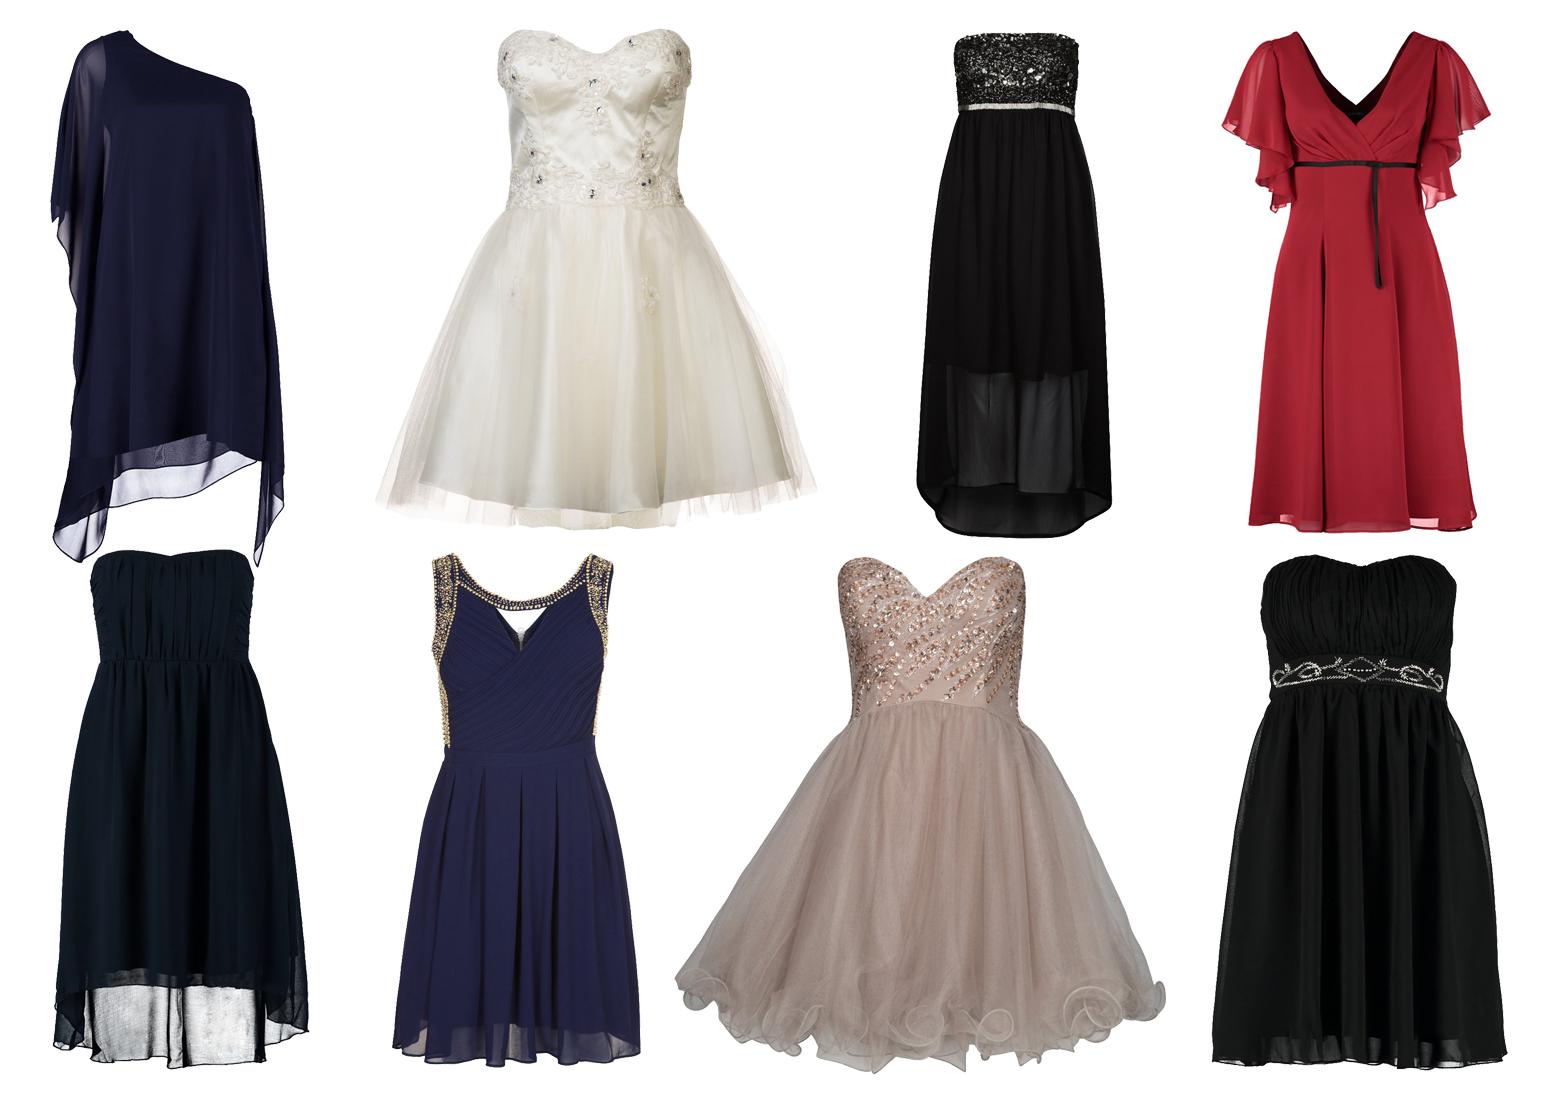 Zwiewne sukienki - niebieska, biała, dwie czarne, czerwona, granatowa, fioletowa, beżowa